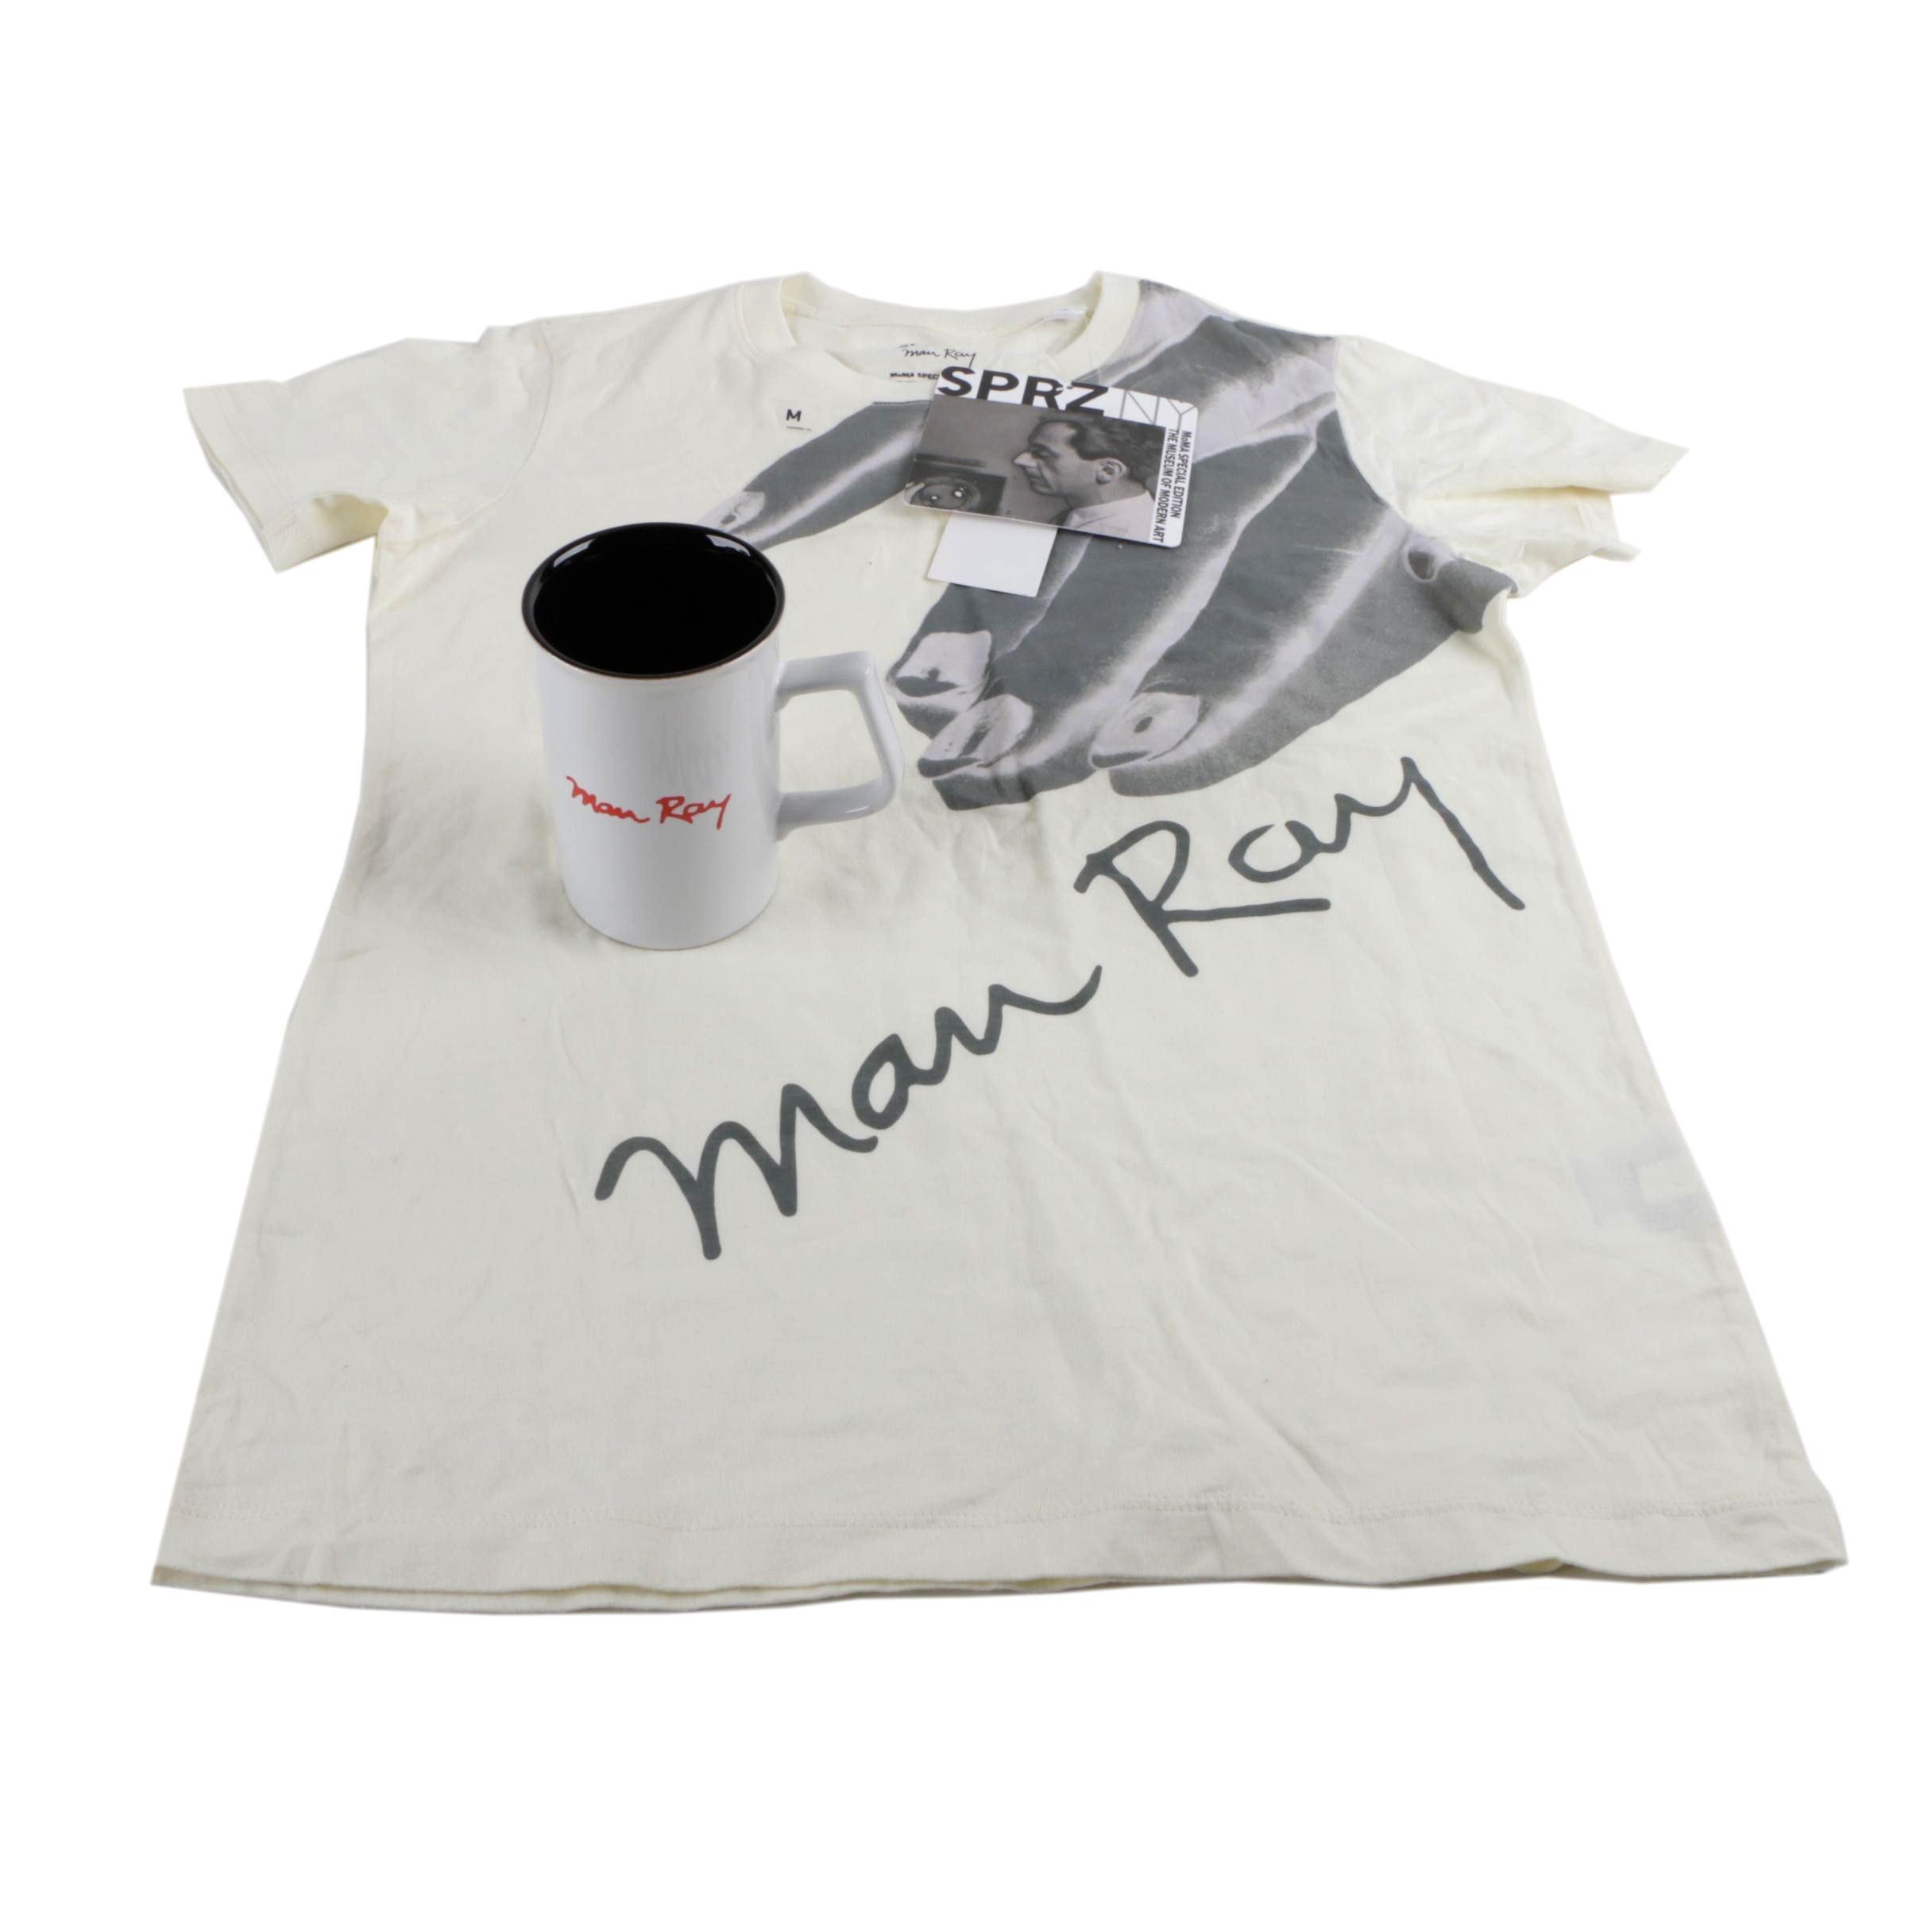 Women's SPRZ NY MOMA Special Edition Man Ray T-Shirt and Mug